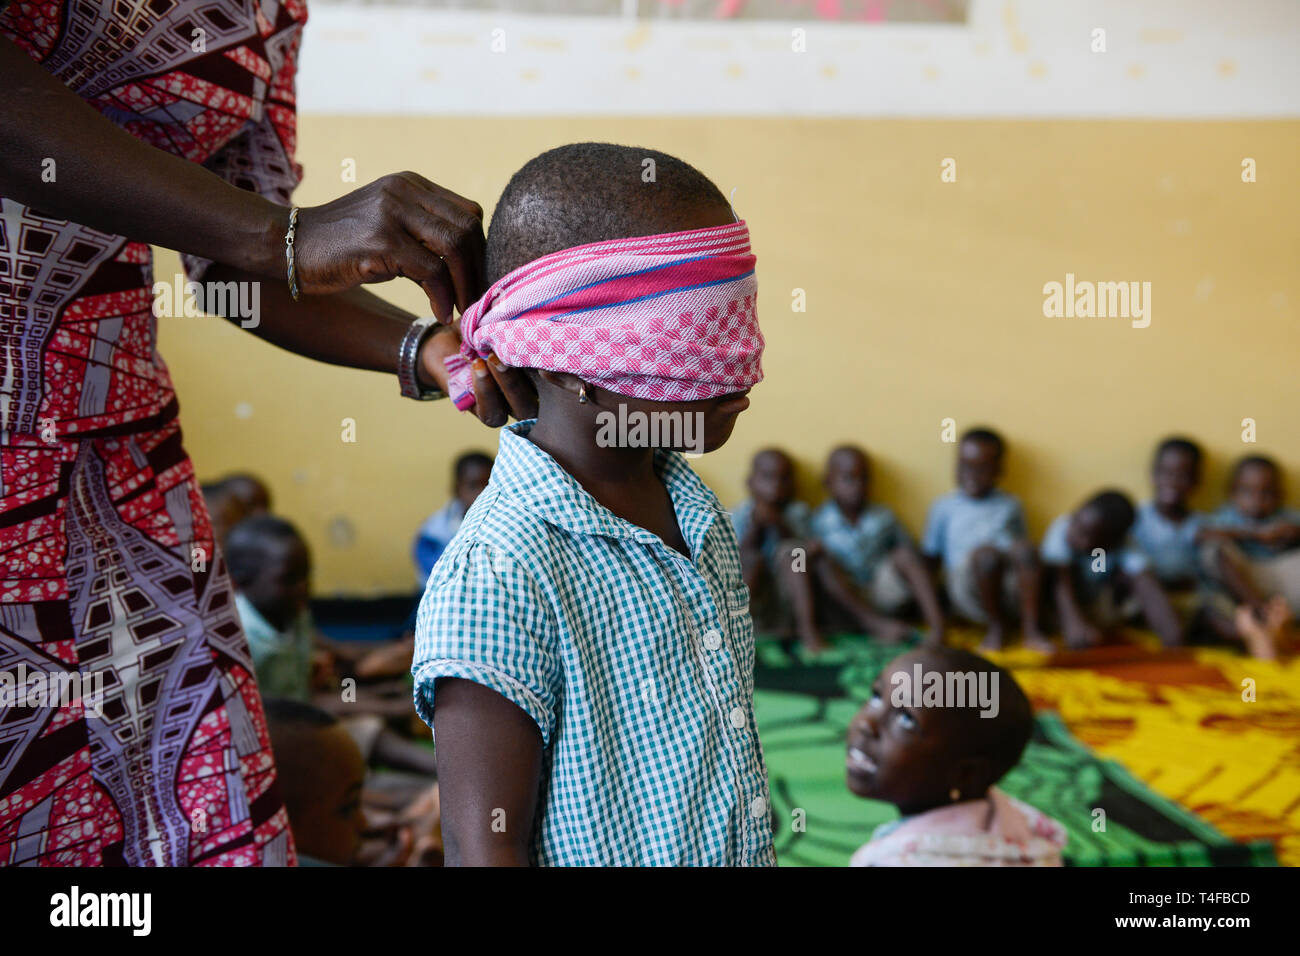 TOGO, Lomé, Togo, Lomé, die Kinder von den Frauen schlafen im Kindergarten von der Mitte Dzidudu, spielen Blinde Kuh/Zentrum BNCE DZIDUDU der Organisation (Bureau National Catholique de l'Enfance) zur Betreuung von Lastentraegerinnen und Marktfrauen und deren Kindern, KIndergarten Stockfoto